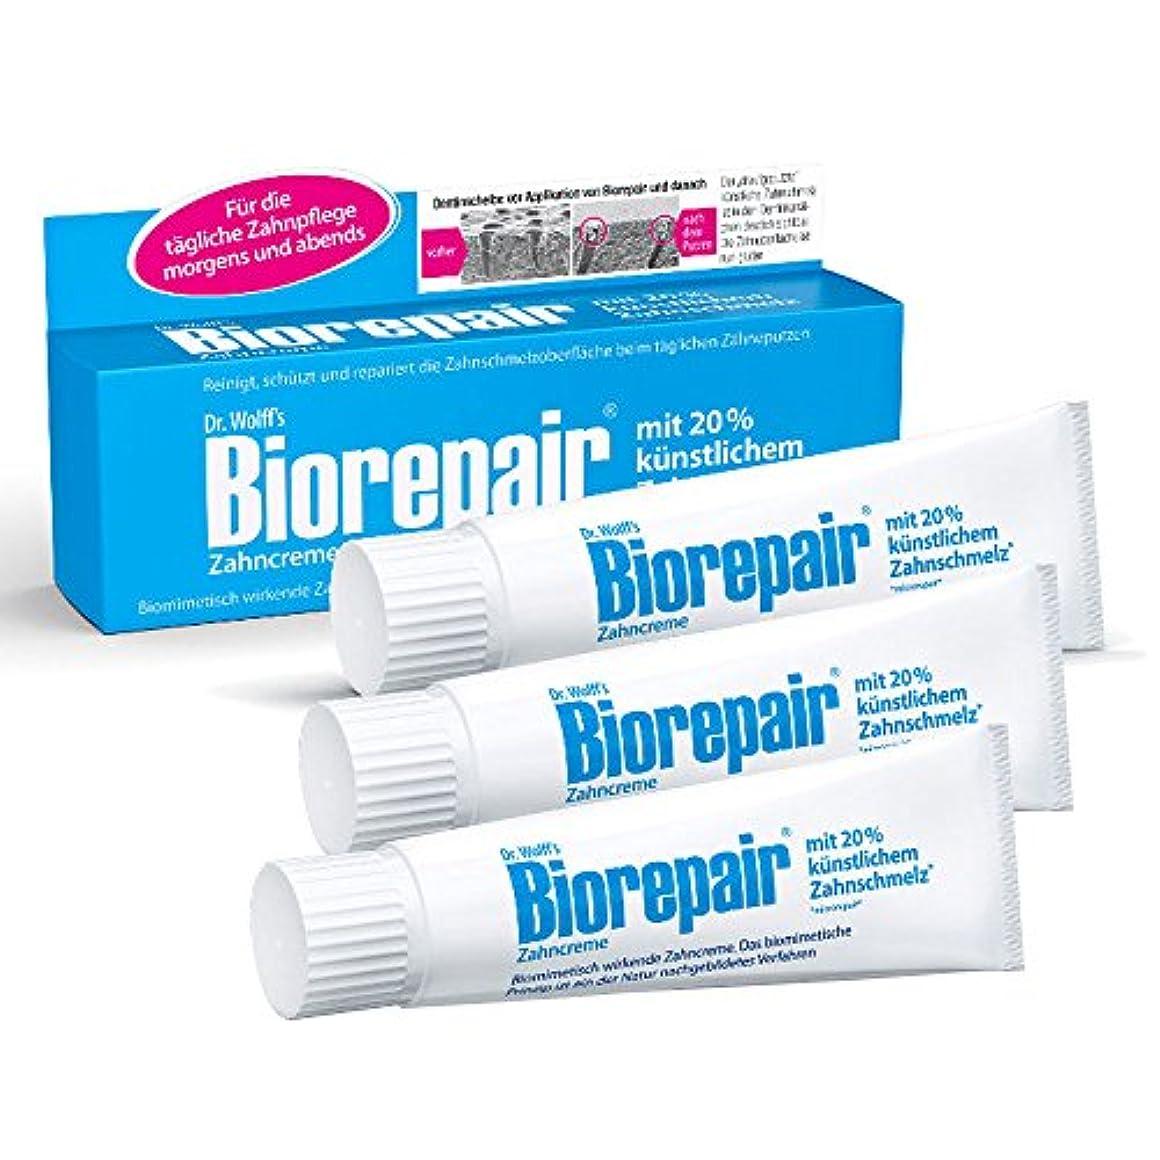 面倒クラッチカストディアンBiorepair 歯磨き粉オリジナル、75ml 歯の保護 耐摩耗性 x 3 [並行輸入品]